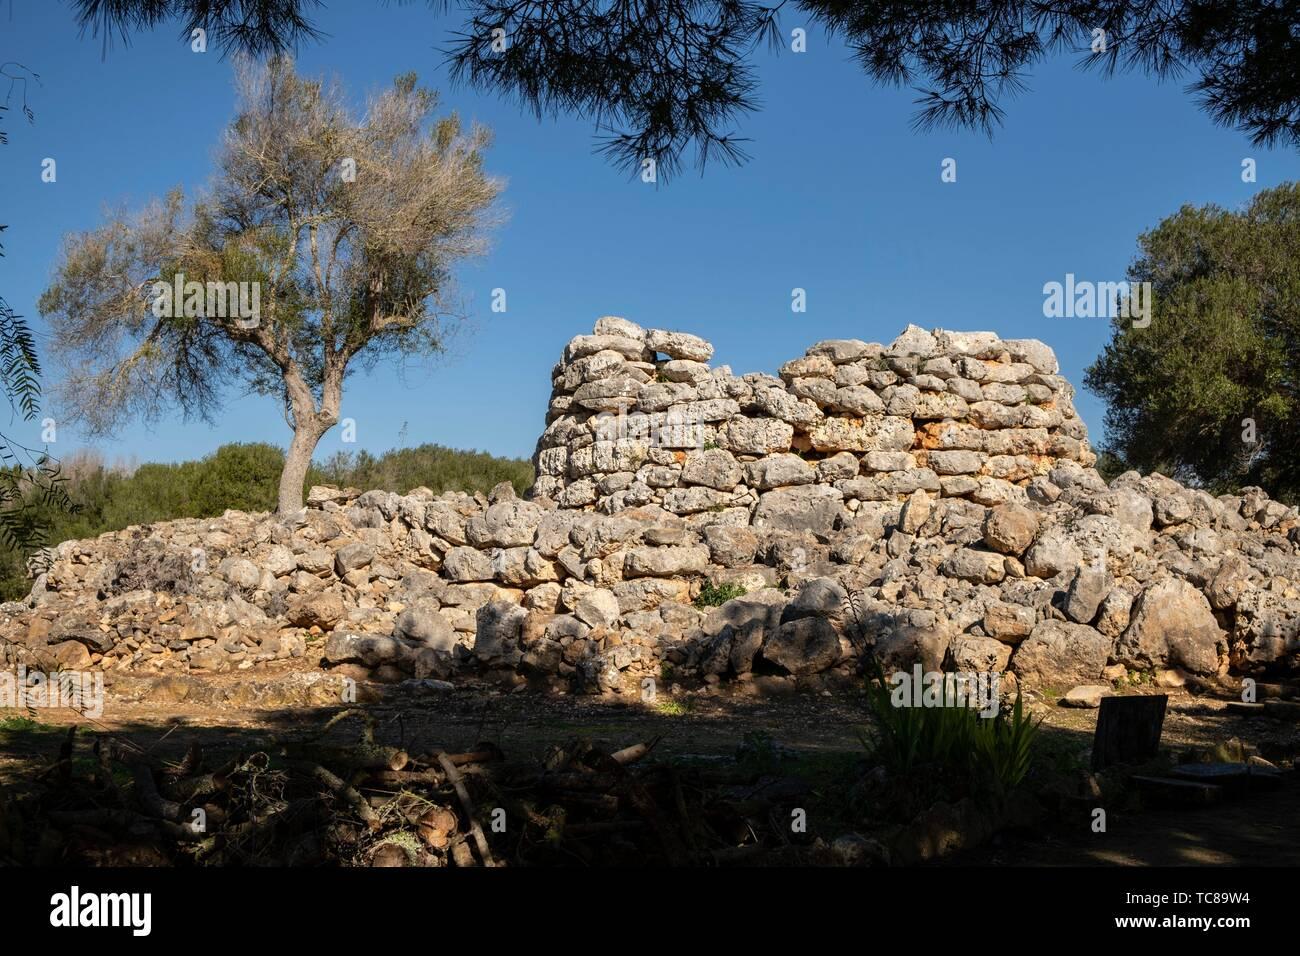 talayot circular, conjunto prehistórico de Capocorb Vell, principios del primer milenio a. C. (Edad de Hierro), Monumento Histórico Artístico, - Stock Image